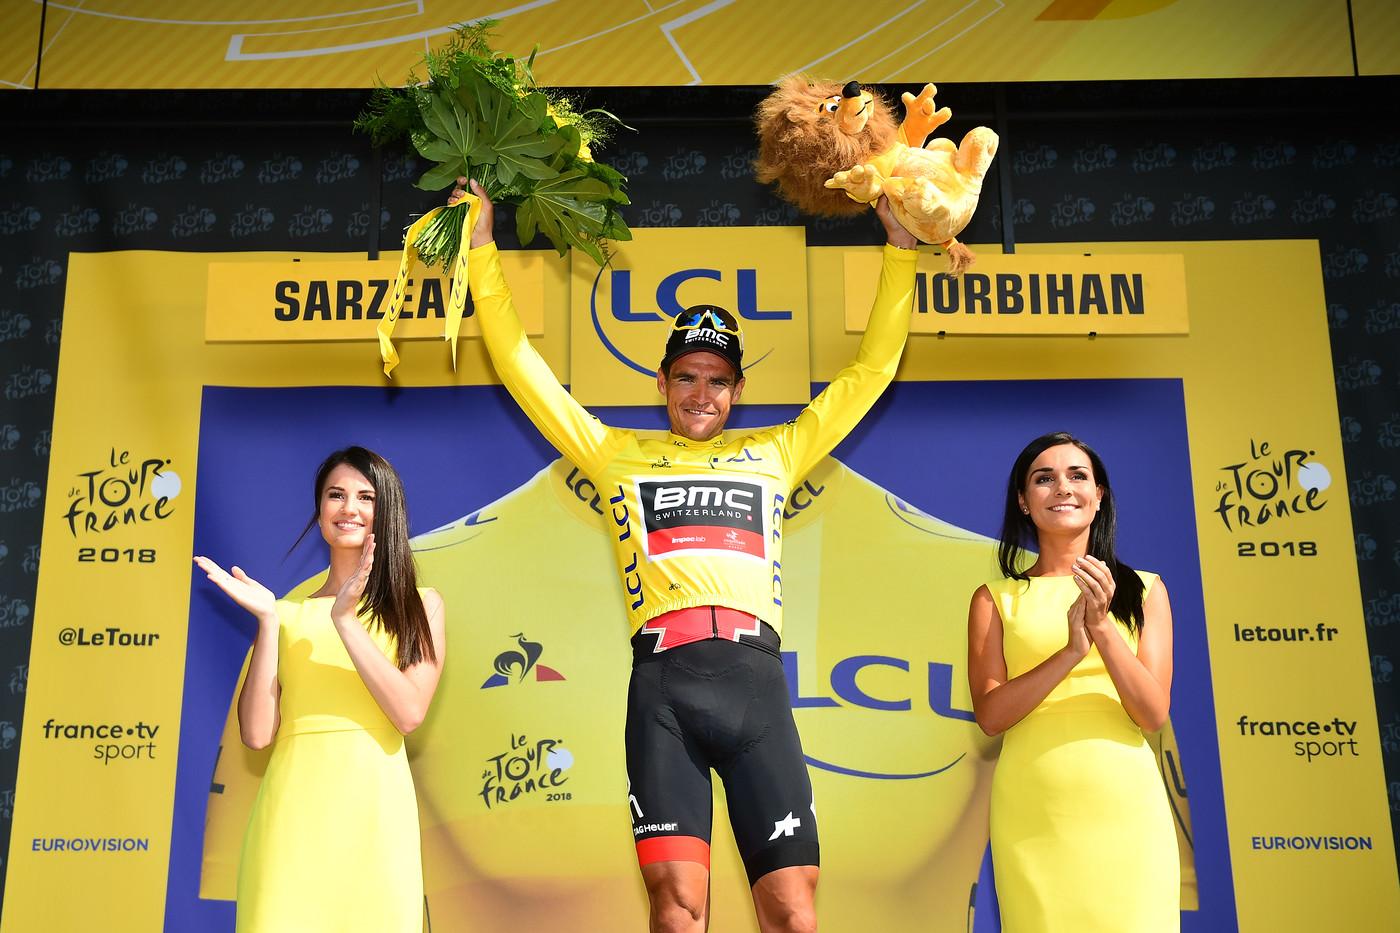 2018 Tour de France BMC on the podium